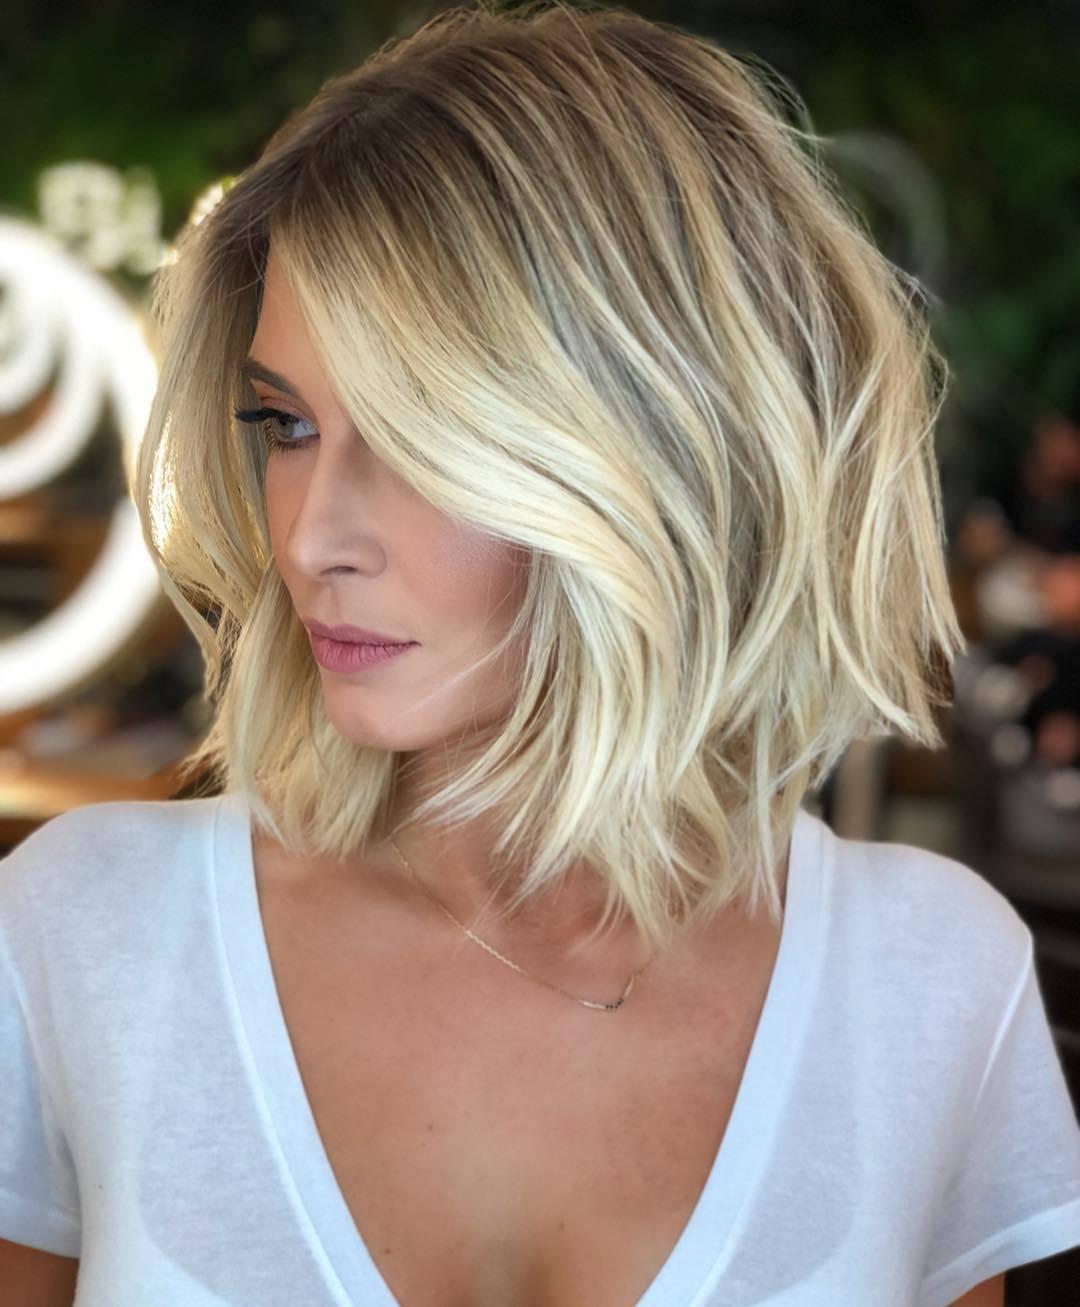 Femme au bob court d'une blonde éclatante avec une frange ondulée